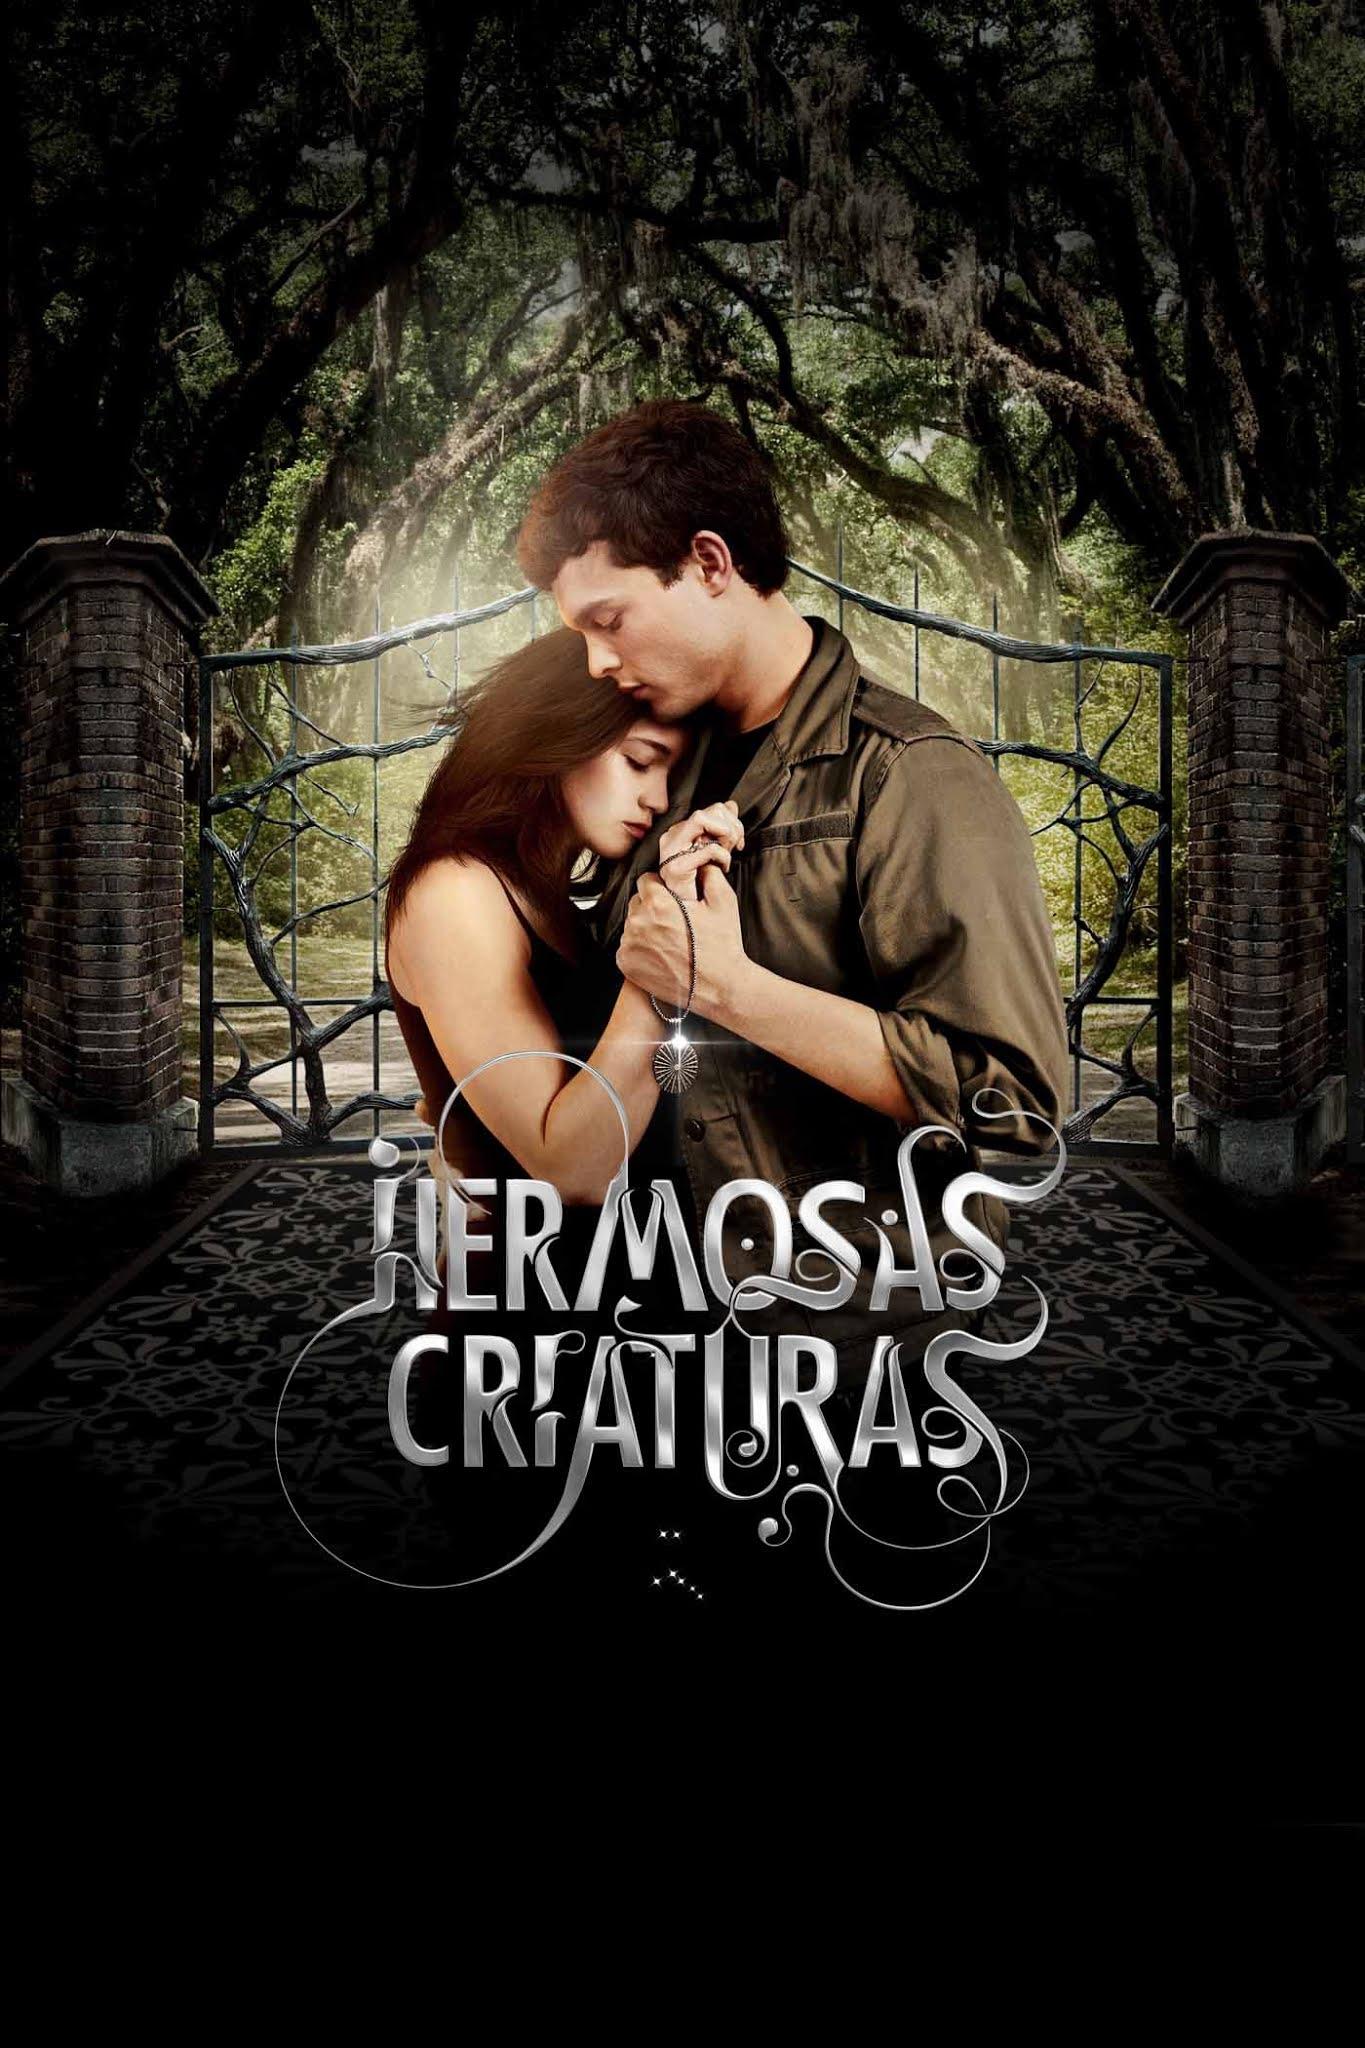 Hermosas Criaturas (2013) 1080p Latino